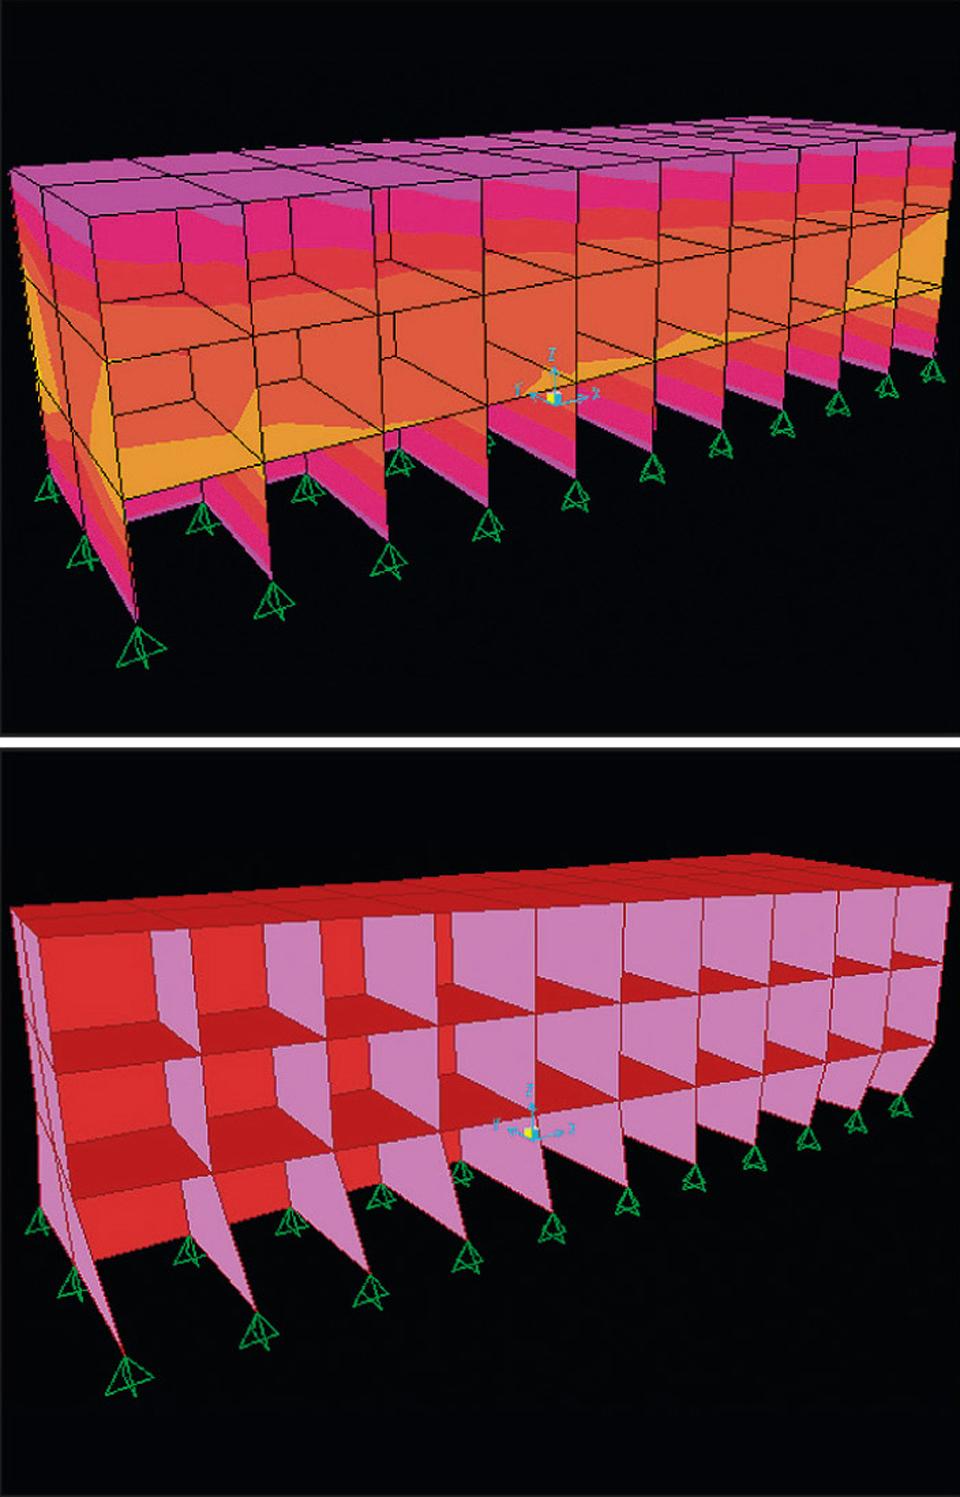 Exemple de calcul sismique et modélisation d'un bâtiment pour dimensionnement à l'Eurocode 8